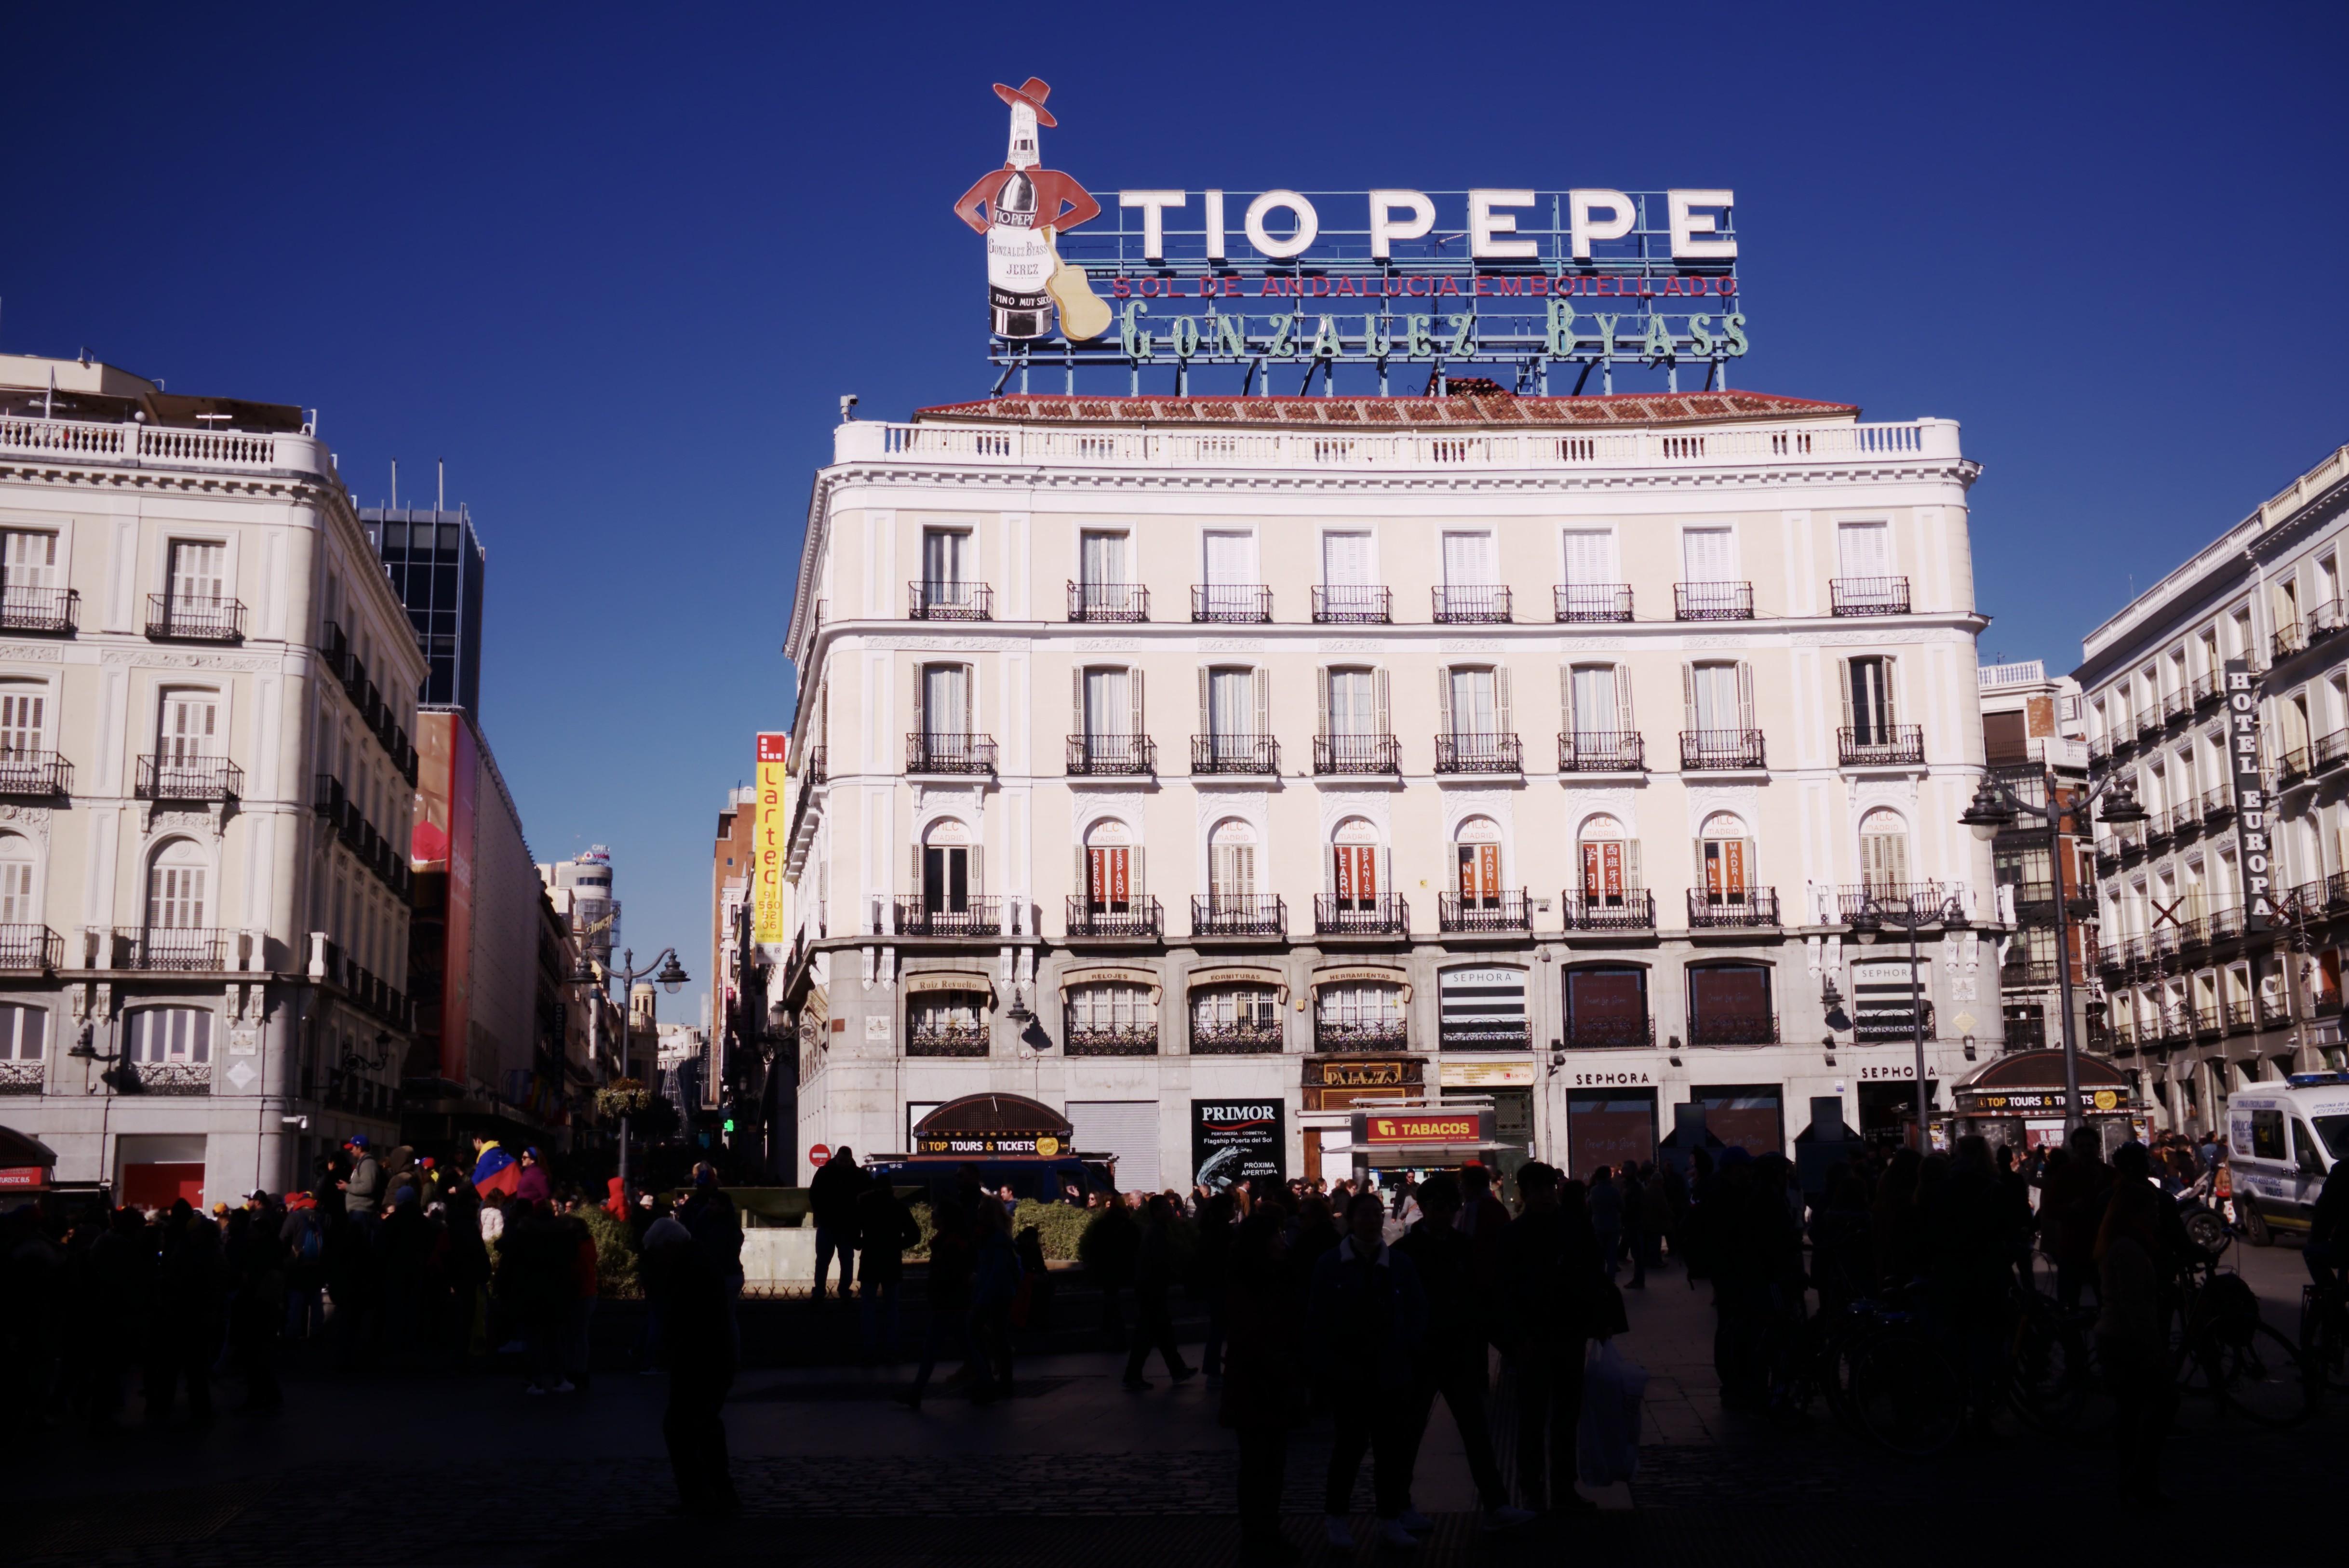 El famoso cartel del tio pepe que se encuentra en la ciudad de madrid, un día soleado y con mucha gente